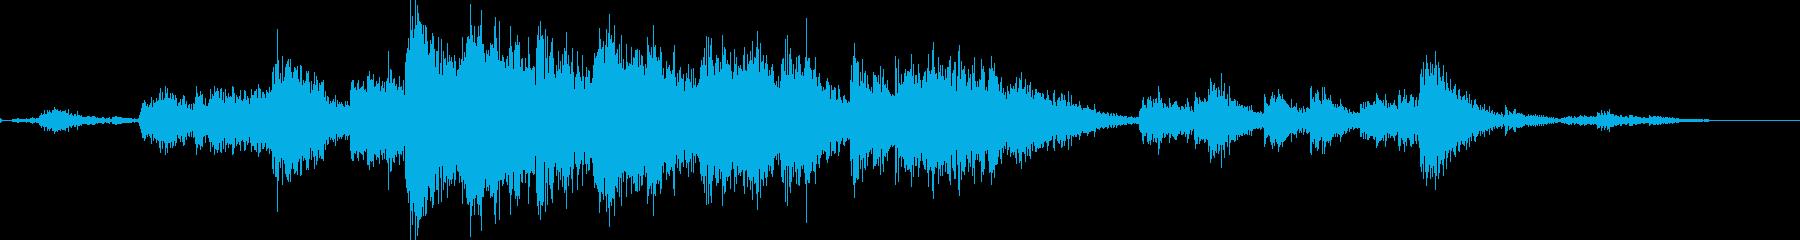 神社 鈴の再生済みの波形